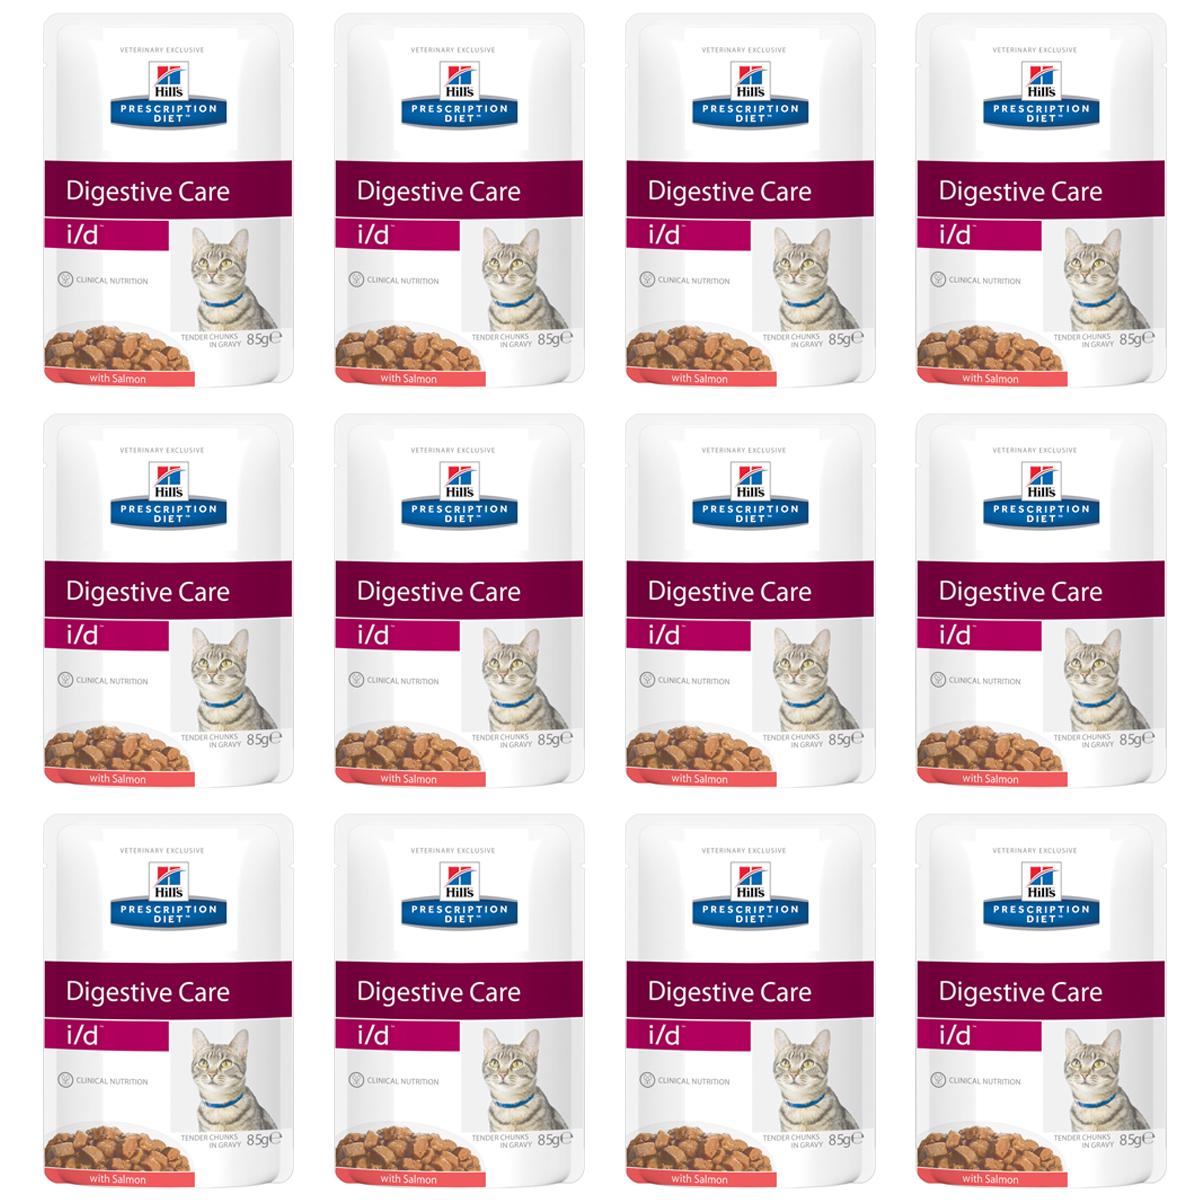 Консервы Hills Prescription Diet. I/D для кошек с заболеваниями ЖКТ, с лососем, 85 г, 12 шт3409_12Консервы Hills Prescription Diet. I/D рекомендуются:- При заболеваниях желудочно-кишечного тракта: гастрите, энтерите, колите (наиболее распространенные причины диареи). - Для восстановления после хирургической операции на желудочно-кишечном тракте. - При недостаточности экзокринной функции поджелудочной железы. - При панкреатите без гиперлипидемии. - Для восстановления после легких хирургических процедур и состояний, незначительно ослабляющих организм. - Для котят в качестве повседневного питания. Обеспечивает полноценное сбалансированное питание котятам (в течение короткого периода) и взрослым кошкам. Не рекомендуется кошкам с задержкой натрия в организме.Ключевые преимущества: - Высокая перевариваемость продукта улучшает всасывание нутриентов и способствует восстановлению желудочно-кишечного тракта. - Содержание жиров снижено, что помогает уменьшить стеаторею (маслянистый стул). - Повышенное содержание растворимой клетчатки обеспечивает поступление короткоцепочных жирных кислот, которые питают энтероциты и восстанавливают кишечную микрофлору. - Повышено содержание электролитов, витаминов группы B, что восполняет потерю этих нутриентов при рвоте и диарее. - Добавлена антиоксидантная формула, которая нейтрализует действие свободных радикалов, участвующих в развитии гастроэнтерита. Ингредиенты: печень курицы, свинина, курица, лосось (4%), крахмал из тапиоки, пшеничная мука, концентрированный растительный протеин, кукурузный крахмал, глюкоза, минералы, сухое цельное яйцо, белковая пудра, целлюлоза, подсолнечное масло, витамины и микроэлементы. Окрашено карамелью. Среднее содержание нутриентов в рационе: протеин 8,3%, жиры 4,4%, углеводы (БЭВ) 6,4%, клетчатка (общая) 0,6%, влага 78,6%, кальций 0,23%, фосфор 0,18%, натрий 0,09%, калий 0,24%, магний 0,02%, Омега-3 жирные кислоты 0,12%, Омега-6 жирные кислоты 0,77%, таурин 613 мг/кг, Витамин A 16 900 МЕ/кг, Витамин D 260 МЕ/